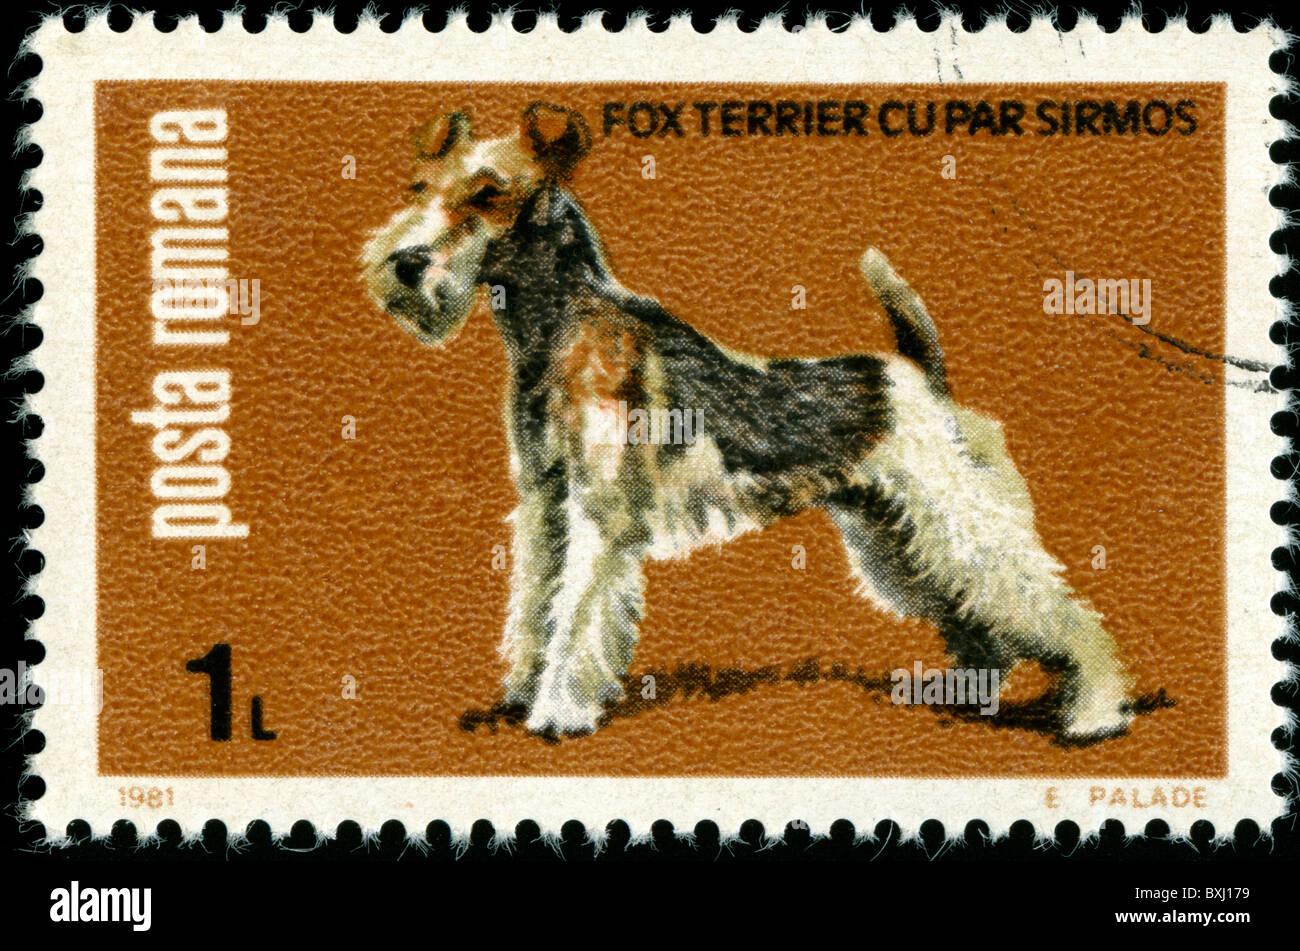 A Fox Terrier Stockfotos & A Fox Terrier Bilder - Alamy